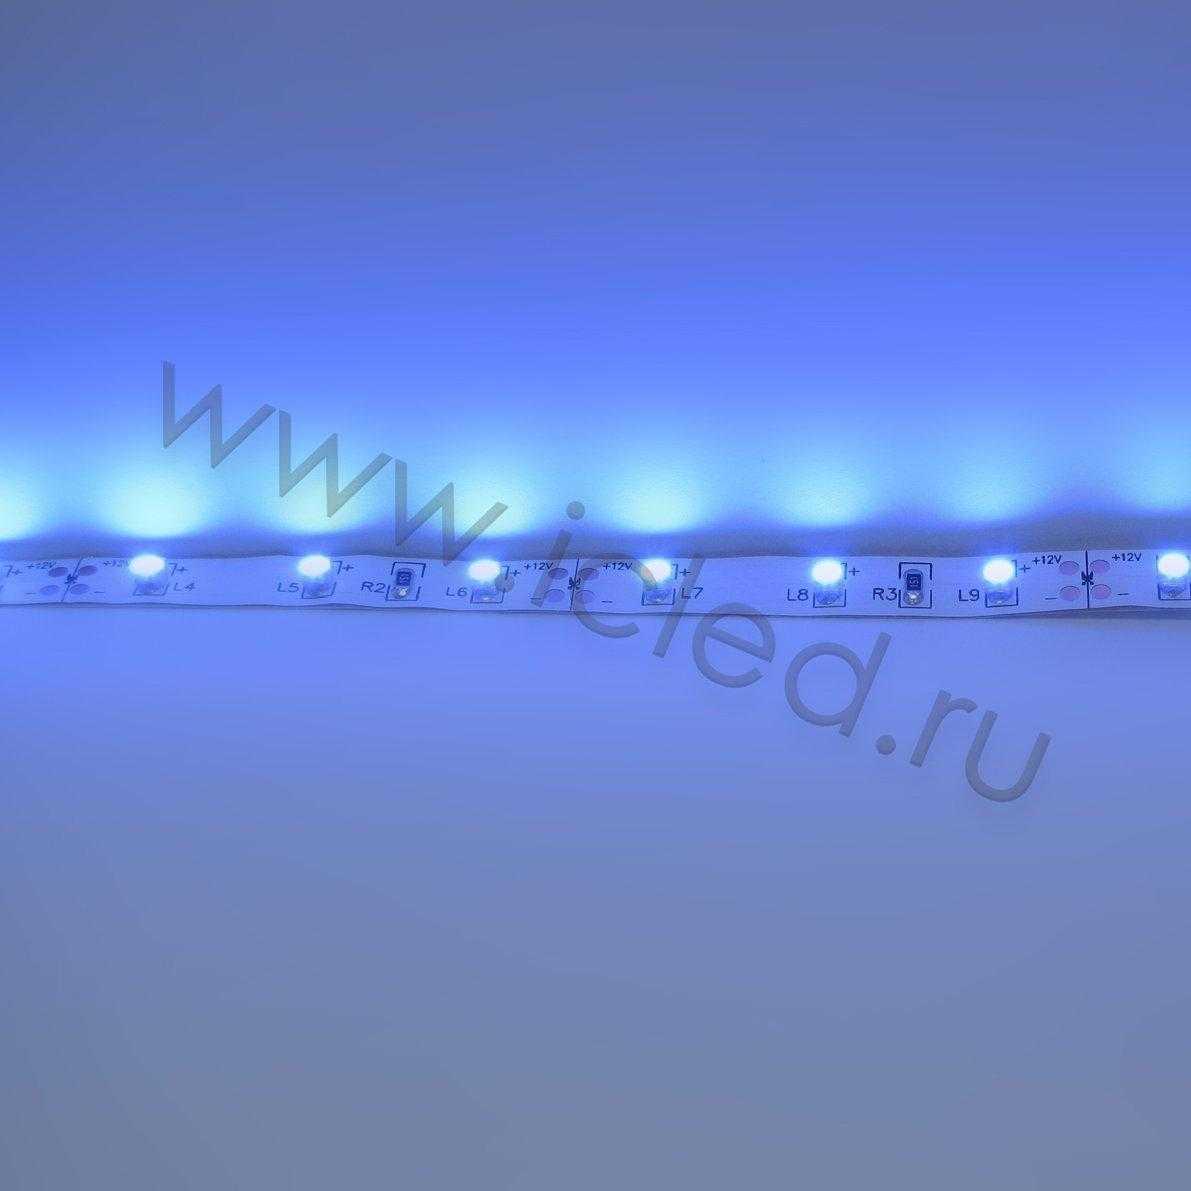 Светодиодная лента Class B, 3528, 60 led/m, Blue, 12V, IP33